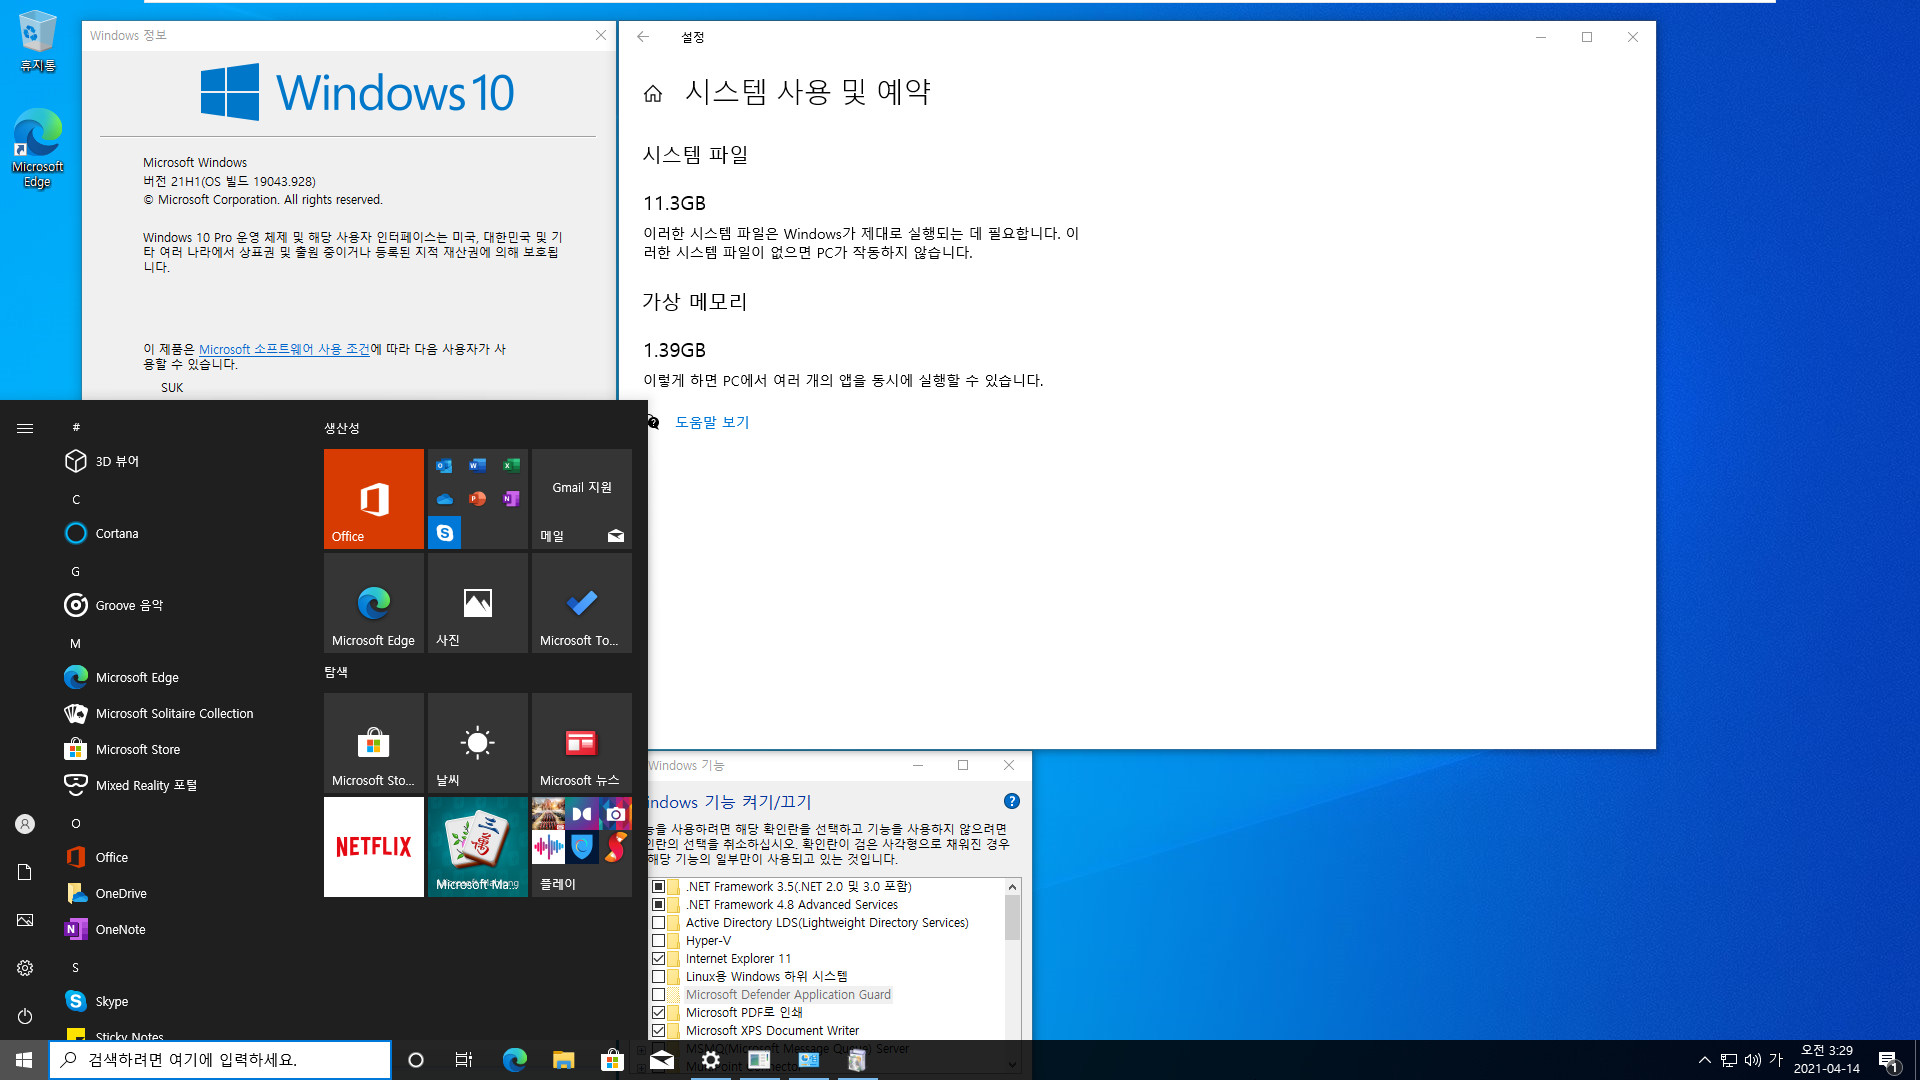 2021-04-14 수요일 정기 업데이트 - PRO x64 3개 버전 통합 - Windows 10 버전 2004, 빌드 19041.928 + 버전 20H2, 빌드 19042.928 + 버전 21H1, 빌드 19043.928 - 공용 누적 업데이트 KB5001330 - 2021-04-14_032911.jpg